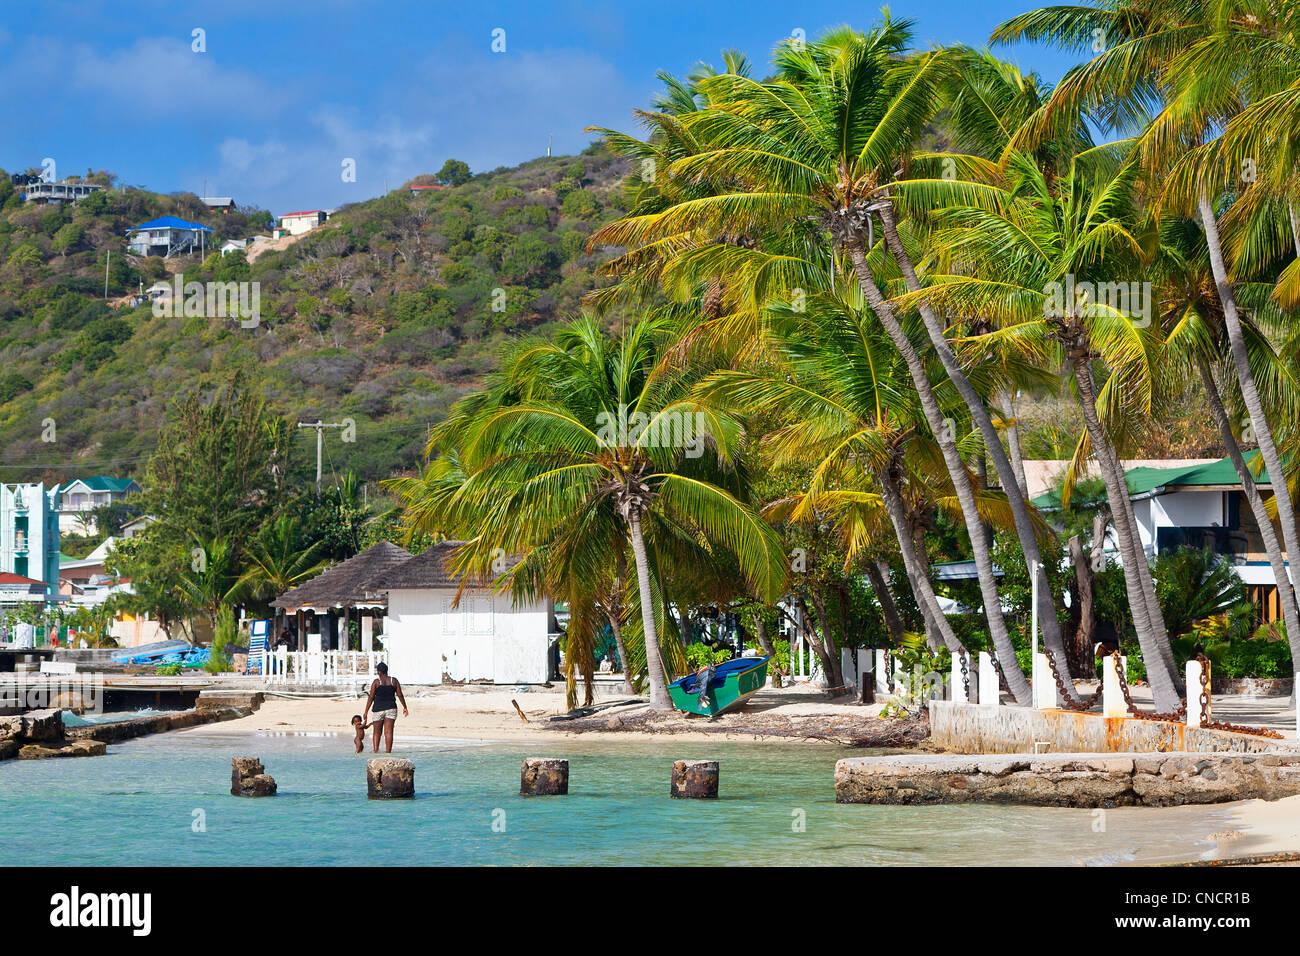 Mittelamerika, Karibik, kleine Antillen, St. Vincent und die Grenadinen, Union Island, Clifton Stockbild